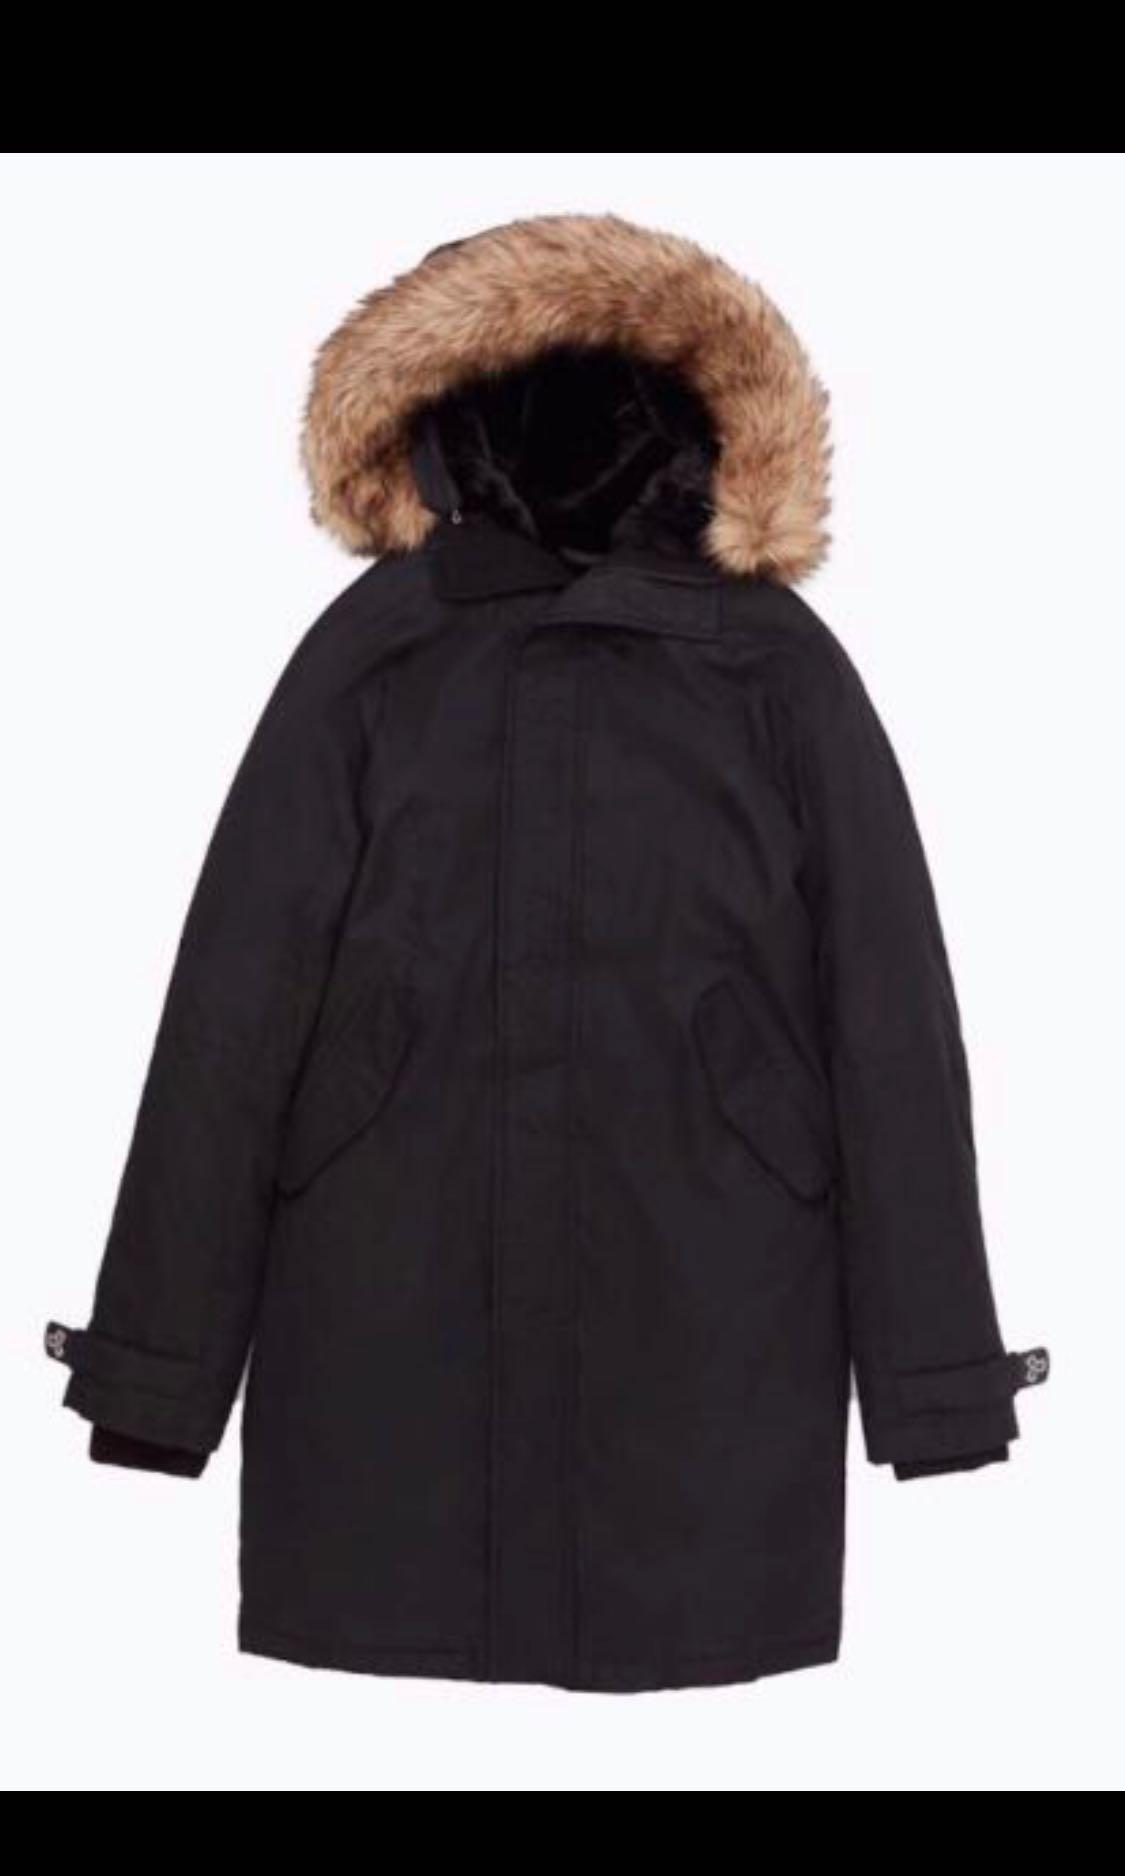 Aritzia Avoriaz Jacket